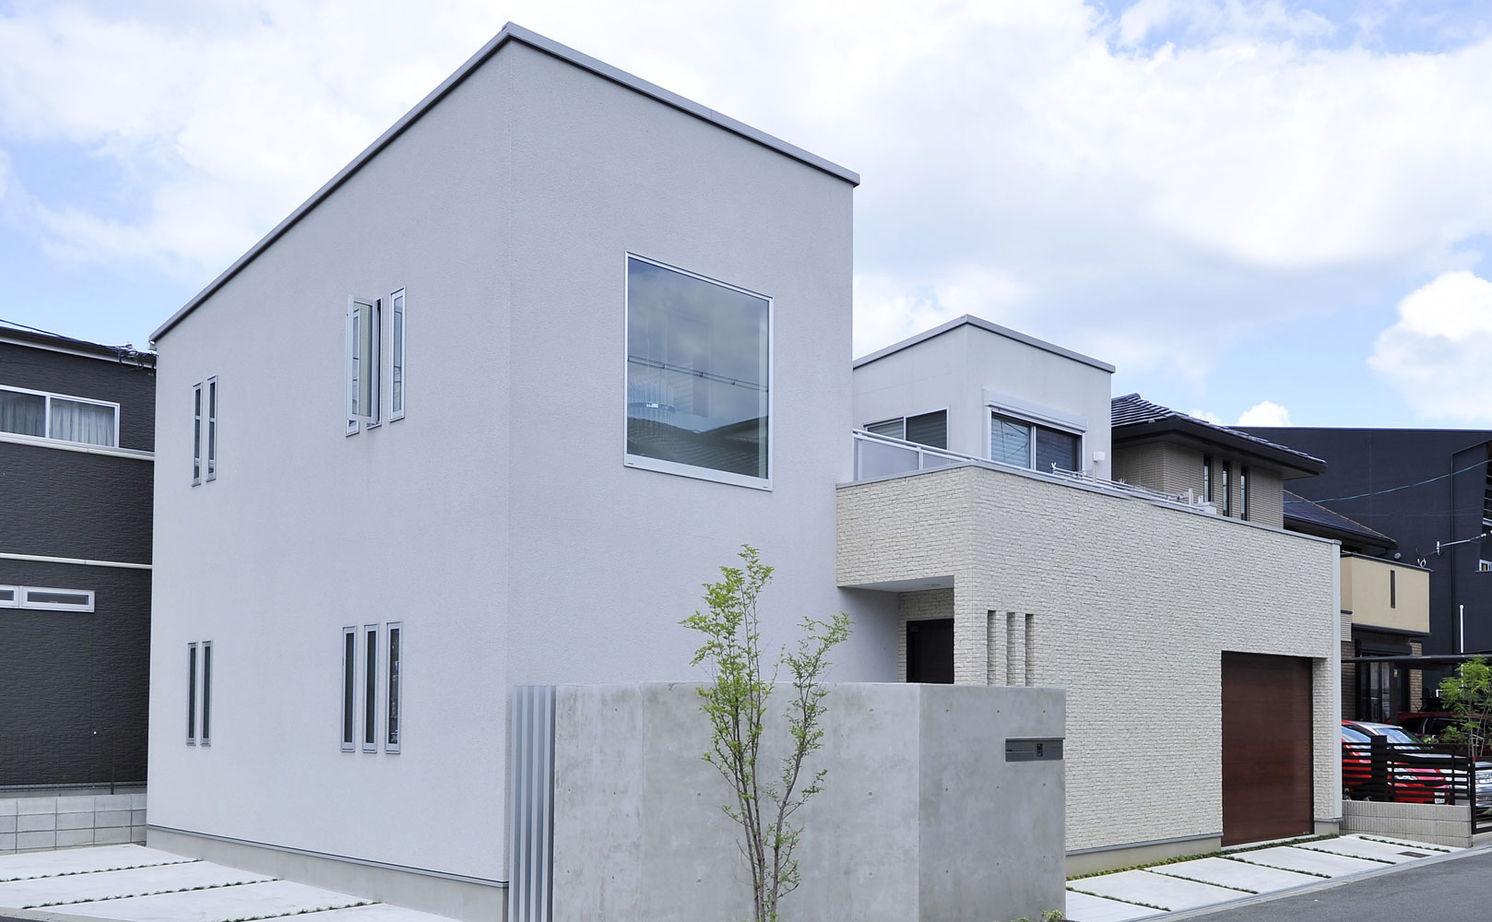 【2900万円/中庭】中庭を通して視線が繋がる インナーガレージのある家画像1